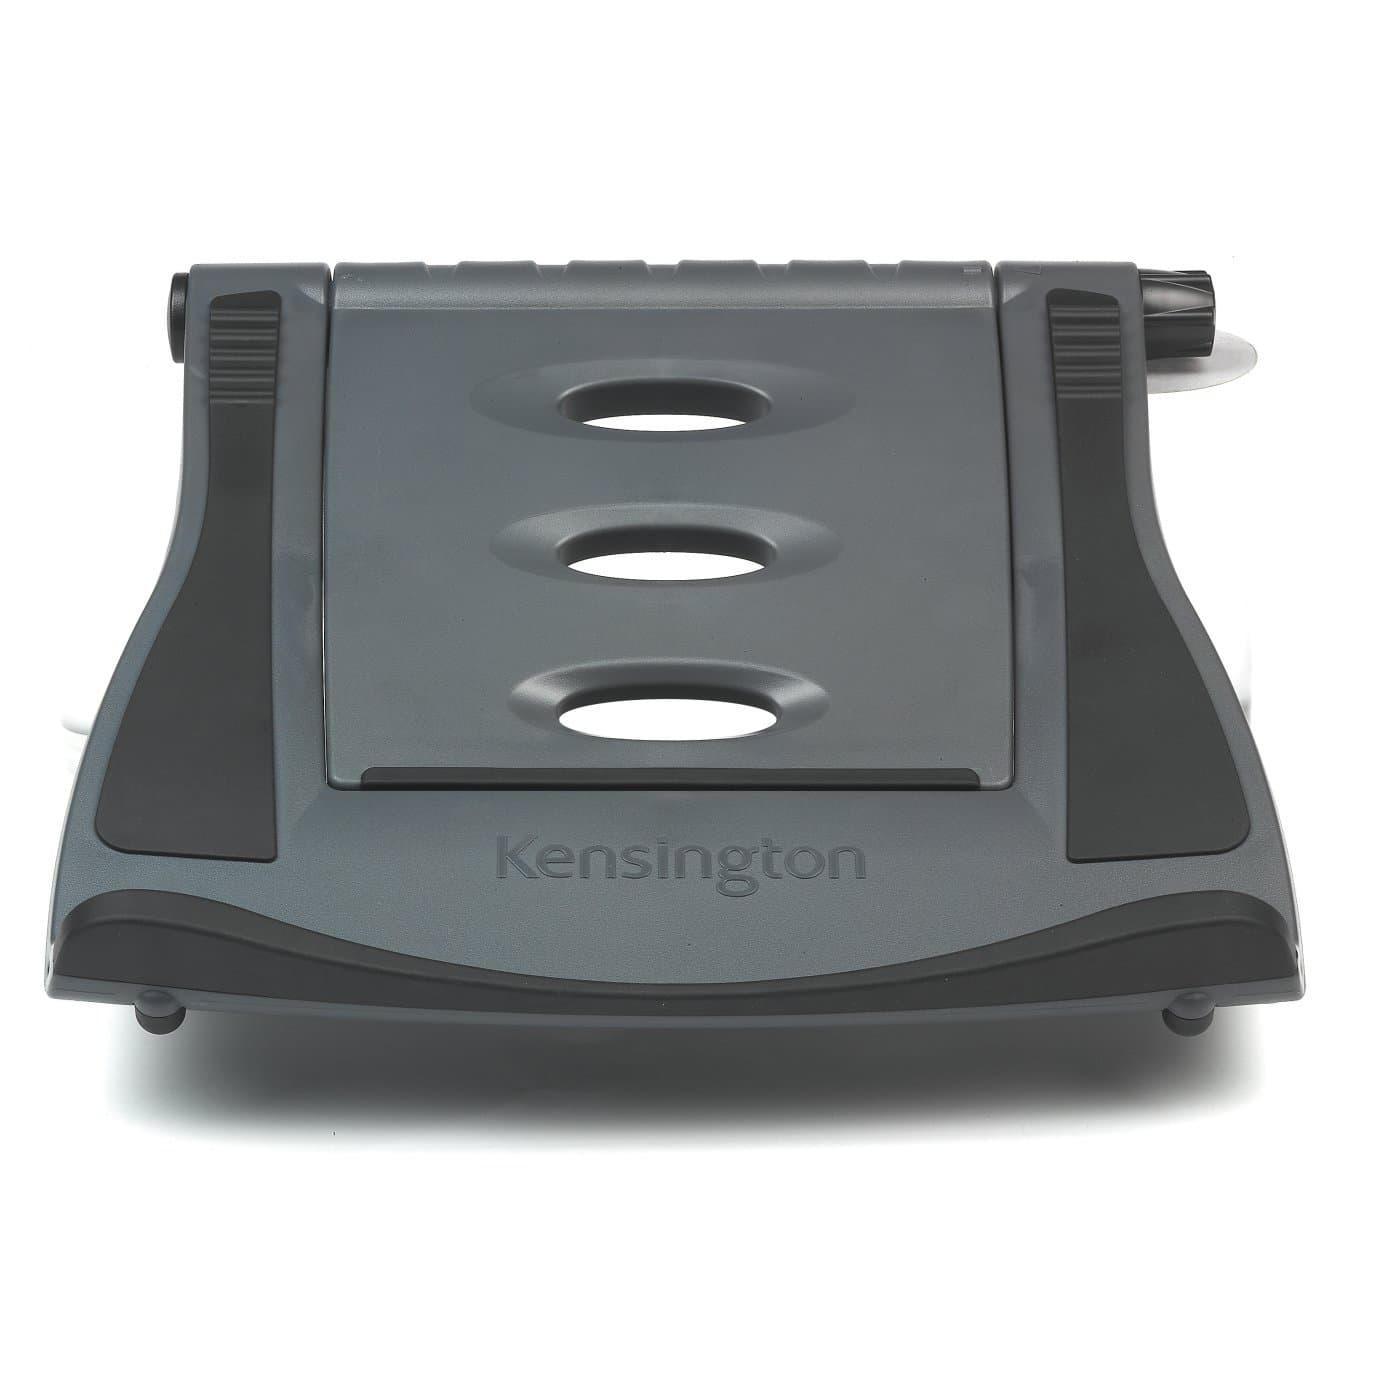 Kensington EasyRiser laptopstandaard